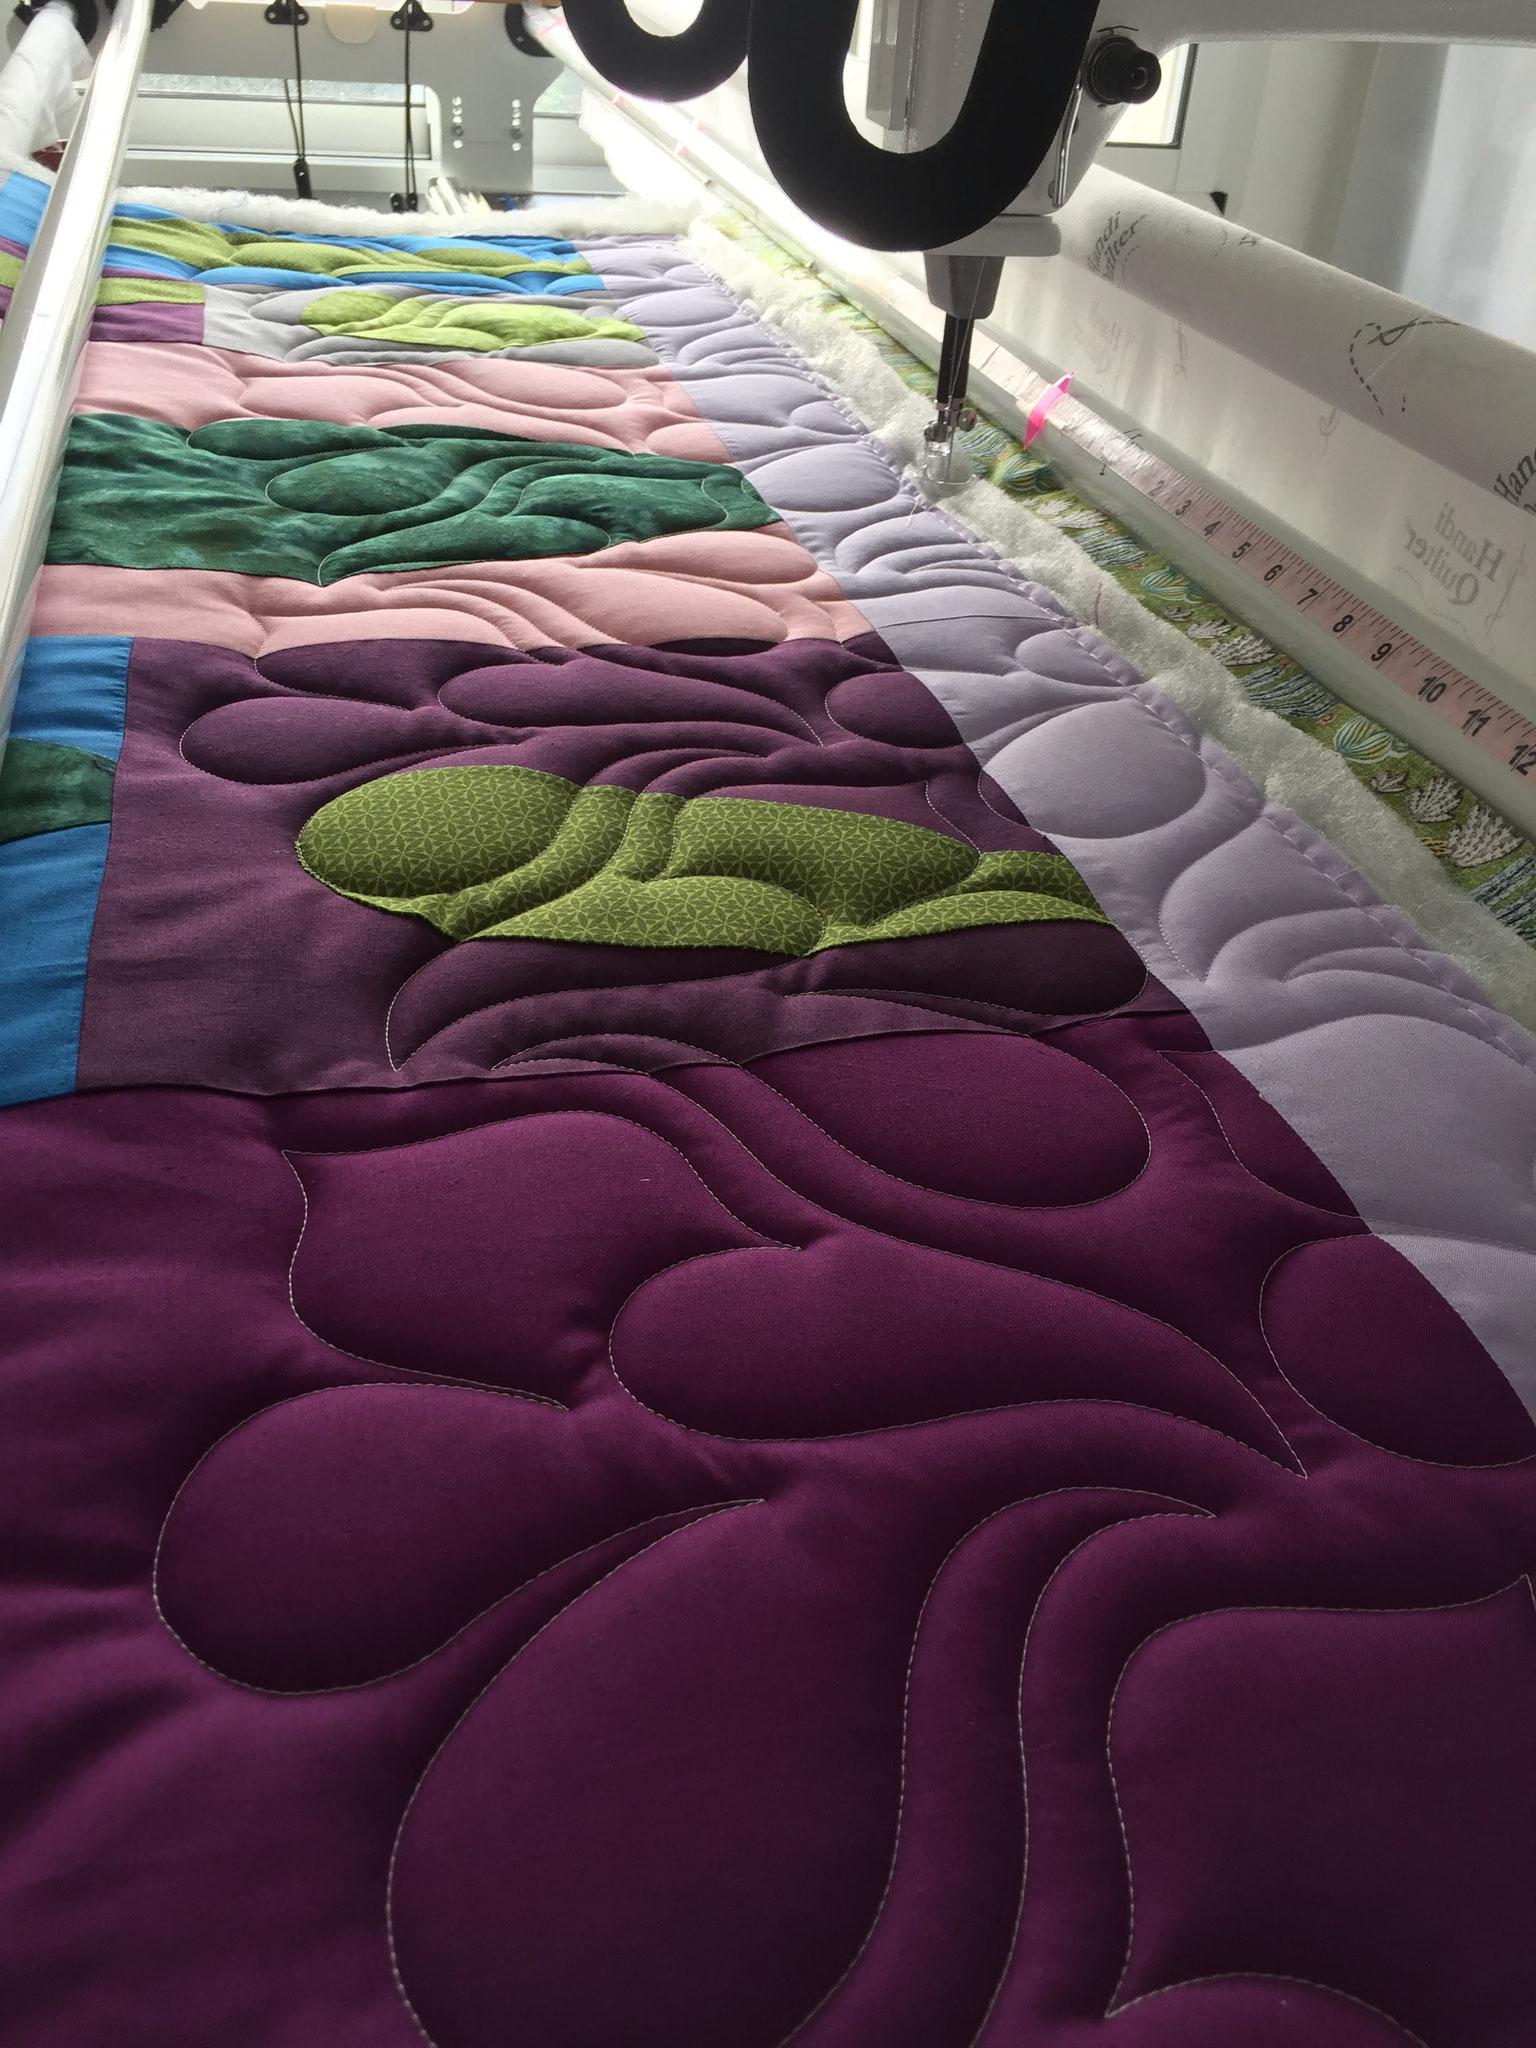 Sur la machine, le premier rang de all-over - atelier www.lequiltemoi.com